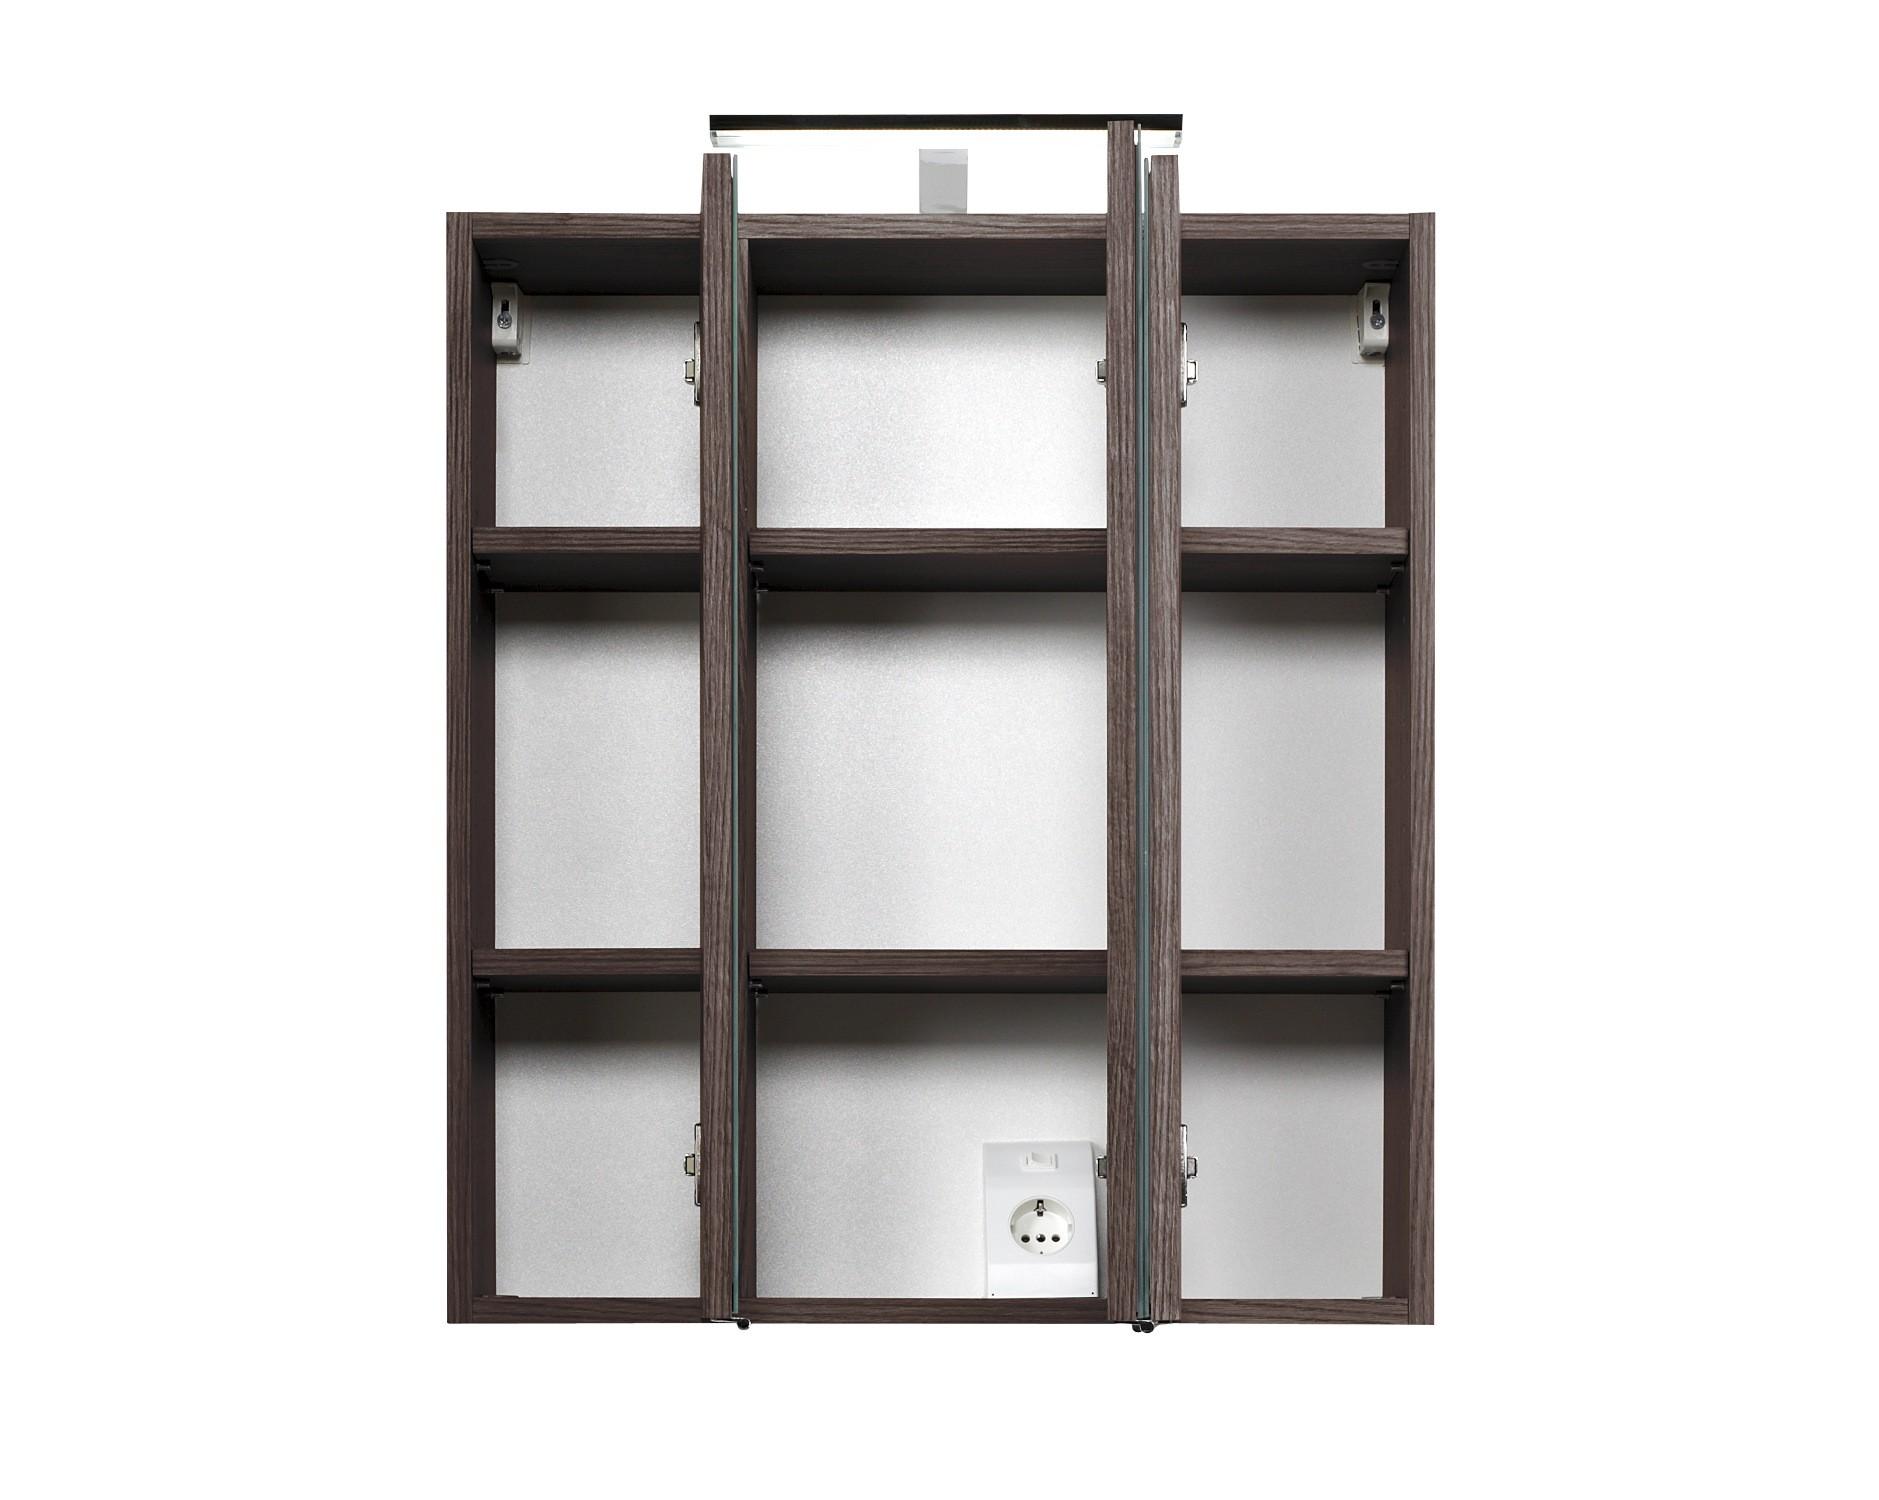 Badezimmer-Spiegelschrank-PHOENIX-60cm-eichedunkel-0 Wunderschöne Spiegelschrank Bad 60 Cm Dekorationen